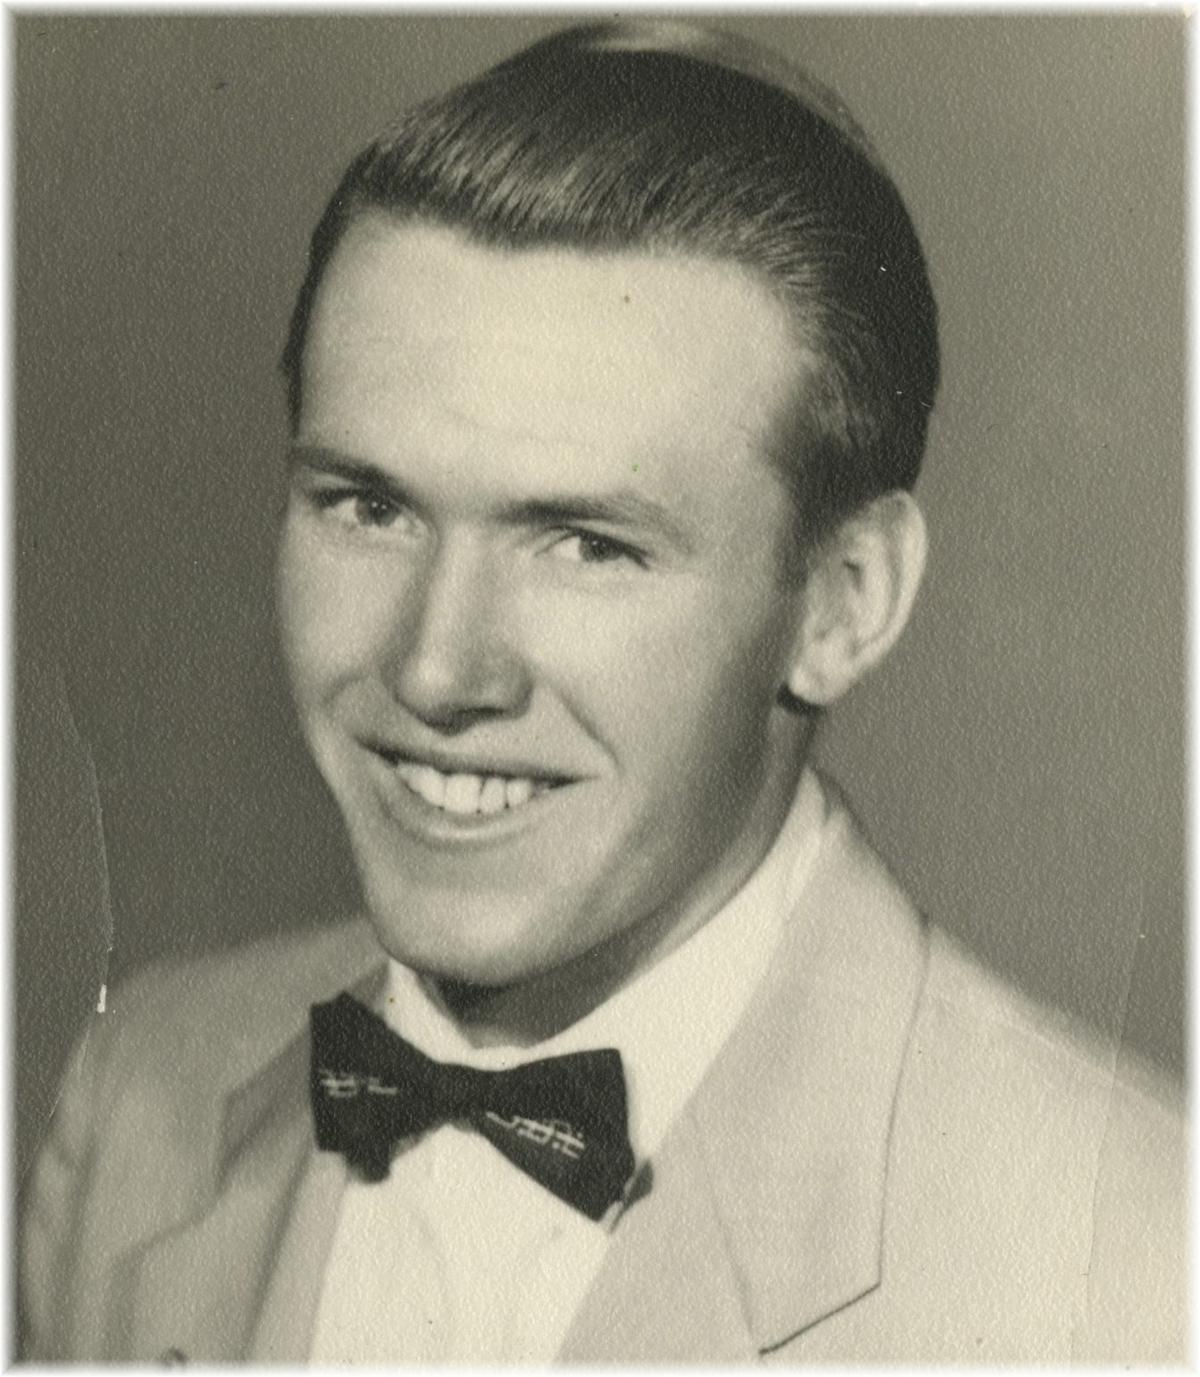 Paul Dee Harding